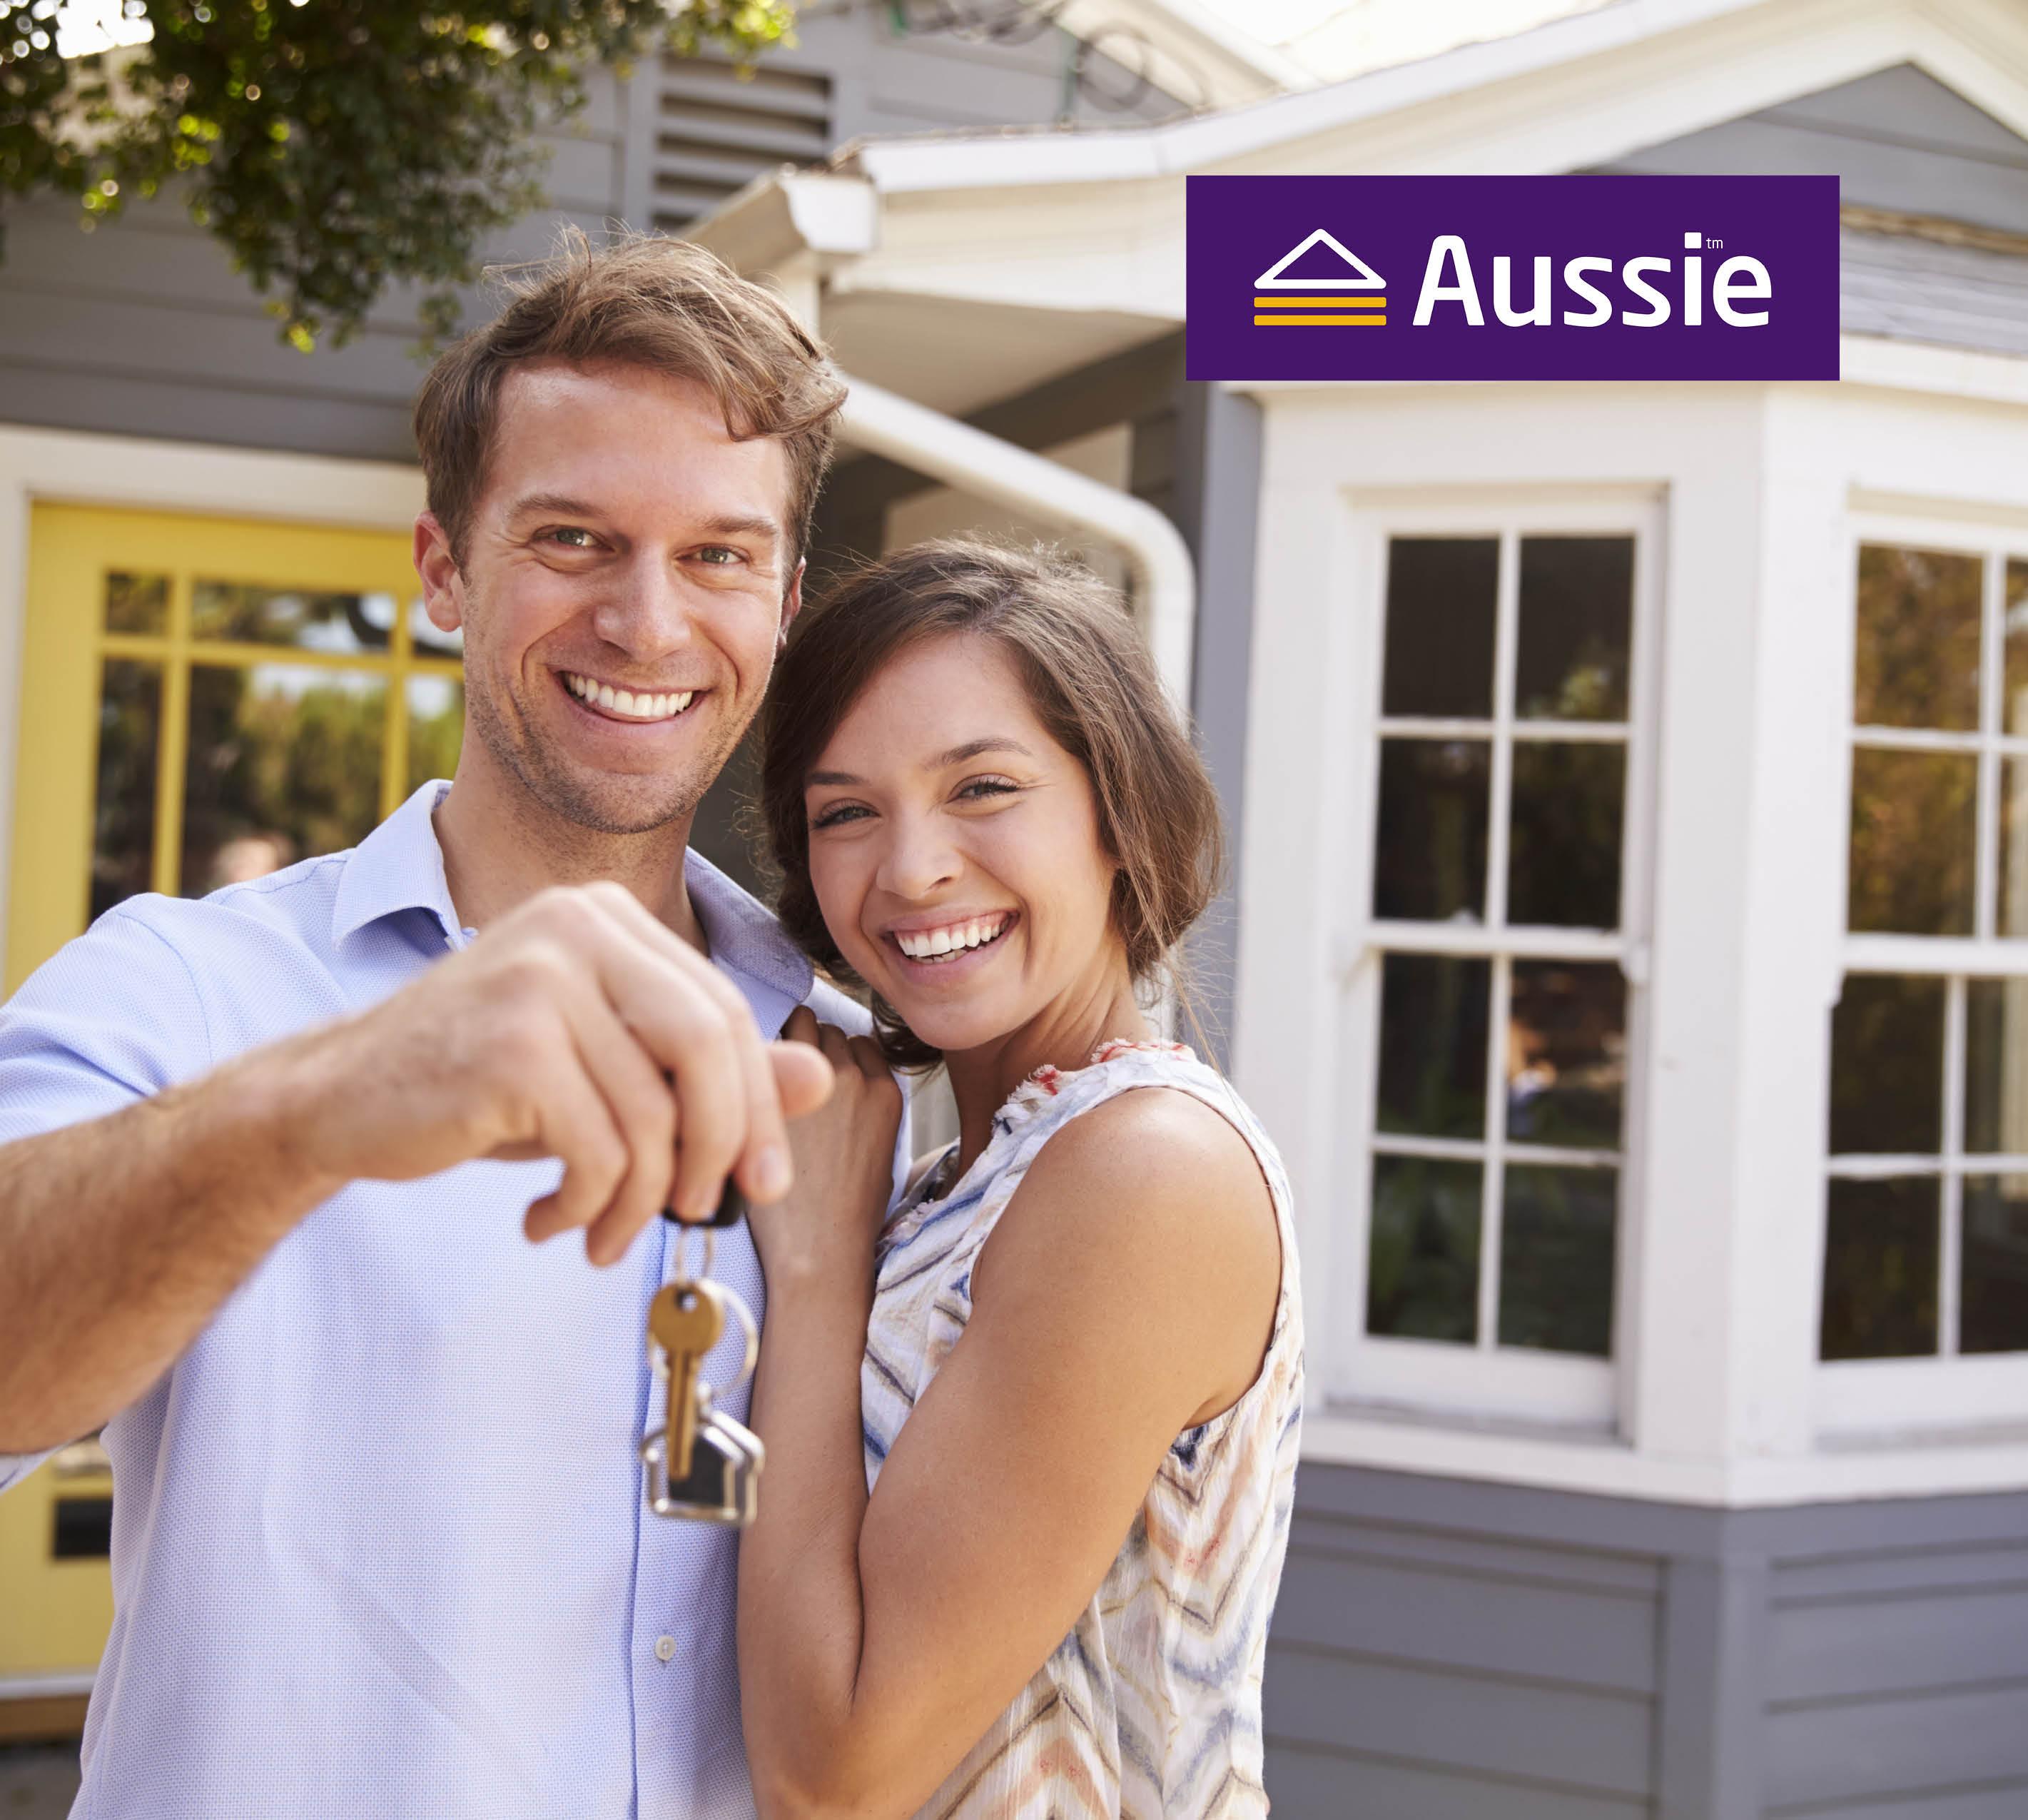 Aussie 642 x 612